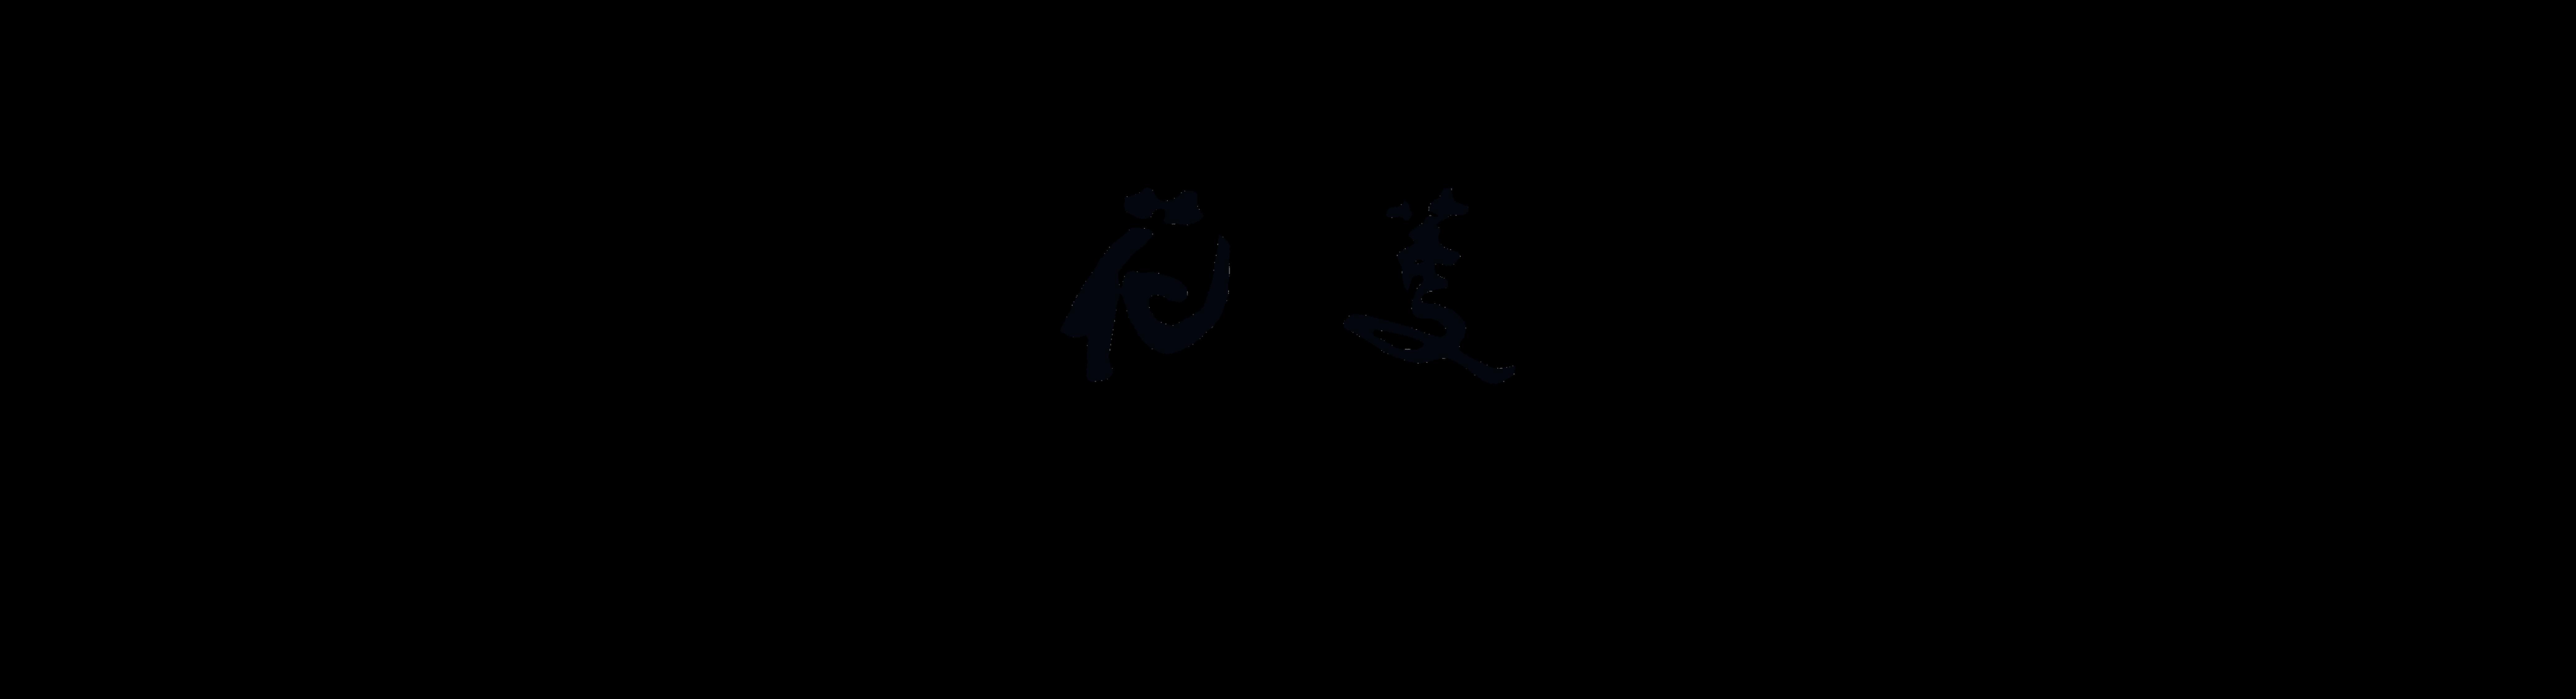 お取り寄せ和食グルメ オンライン花菱|九州老舗日本料理店のごはんのお供や高級出汁などおいしいをあなたにお届けします